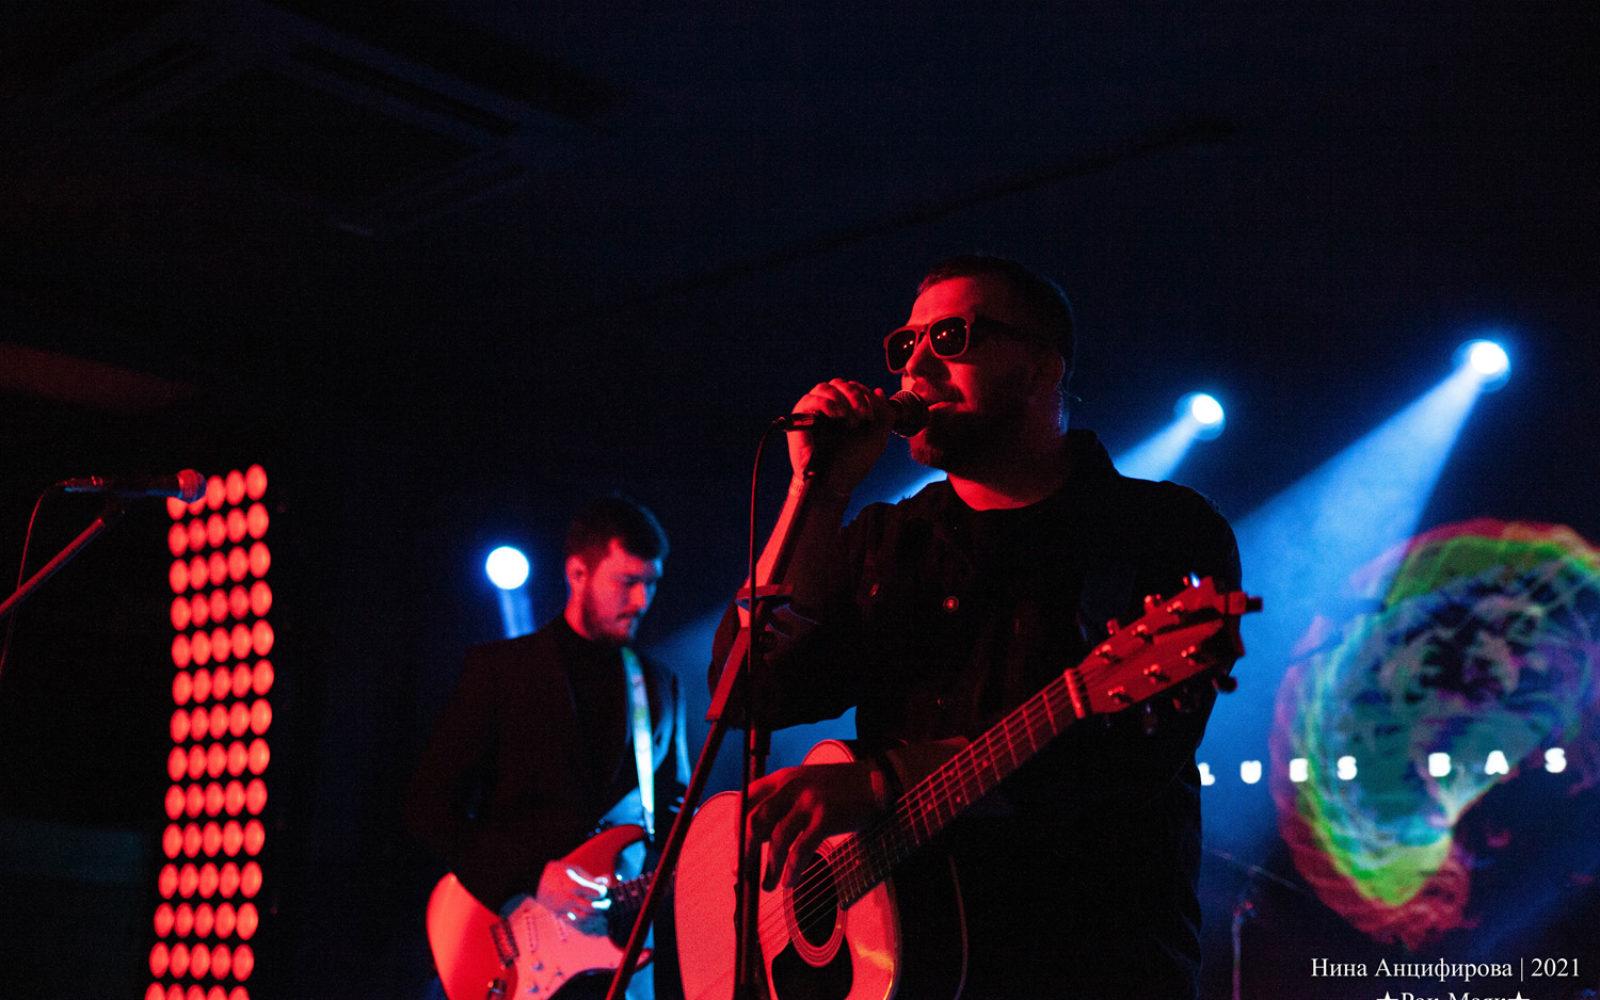 blues_bastards-17-of-68